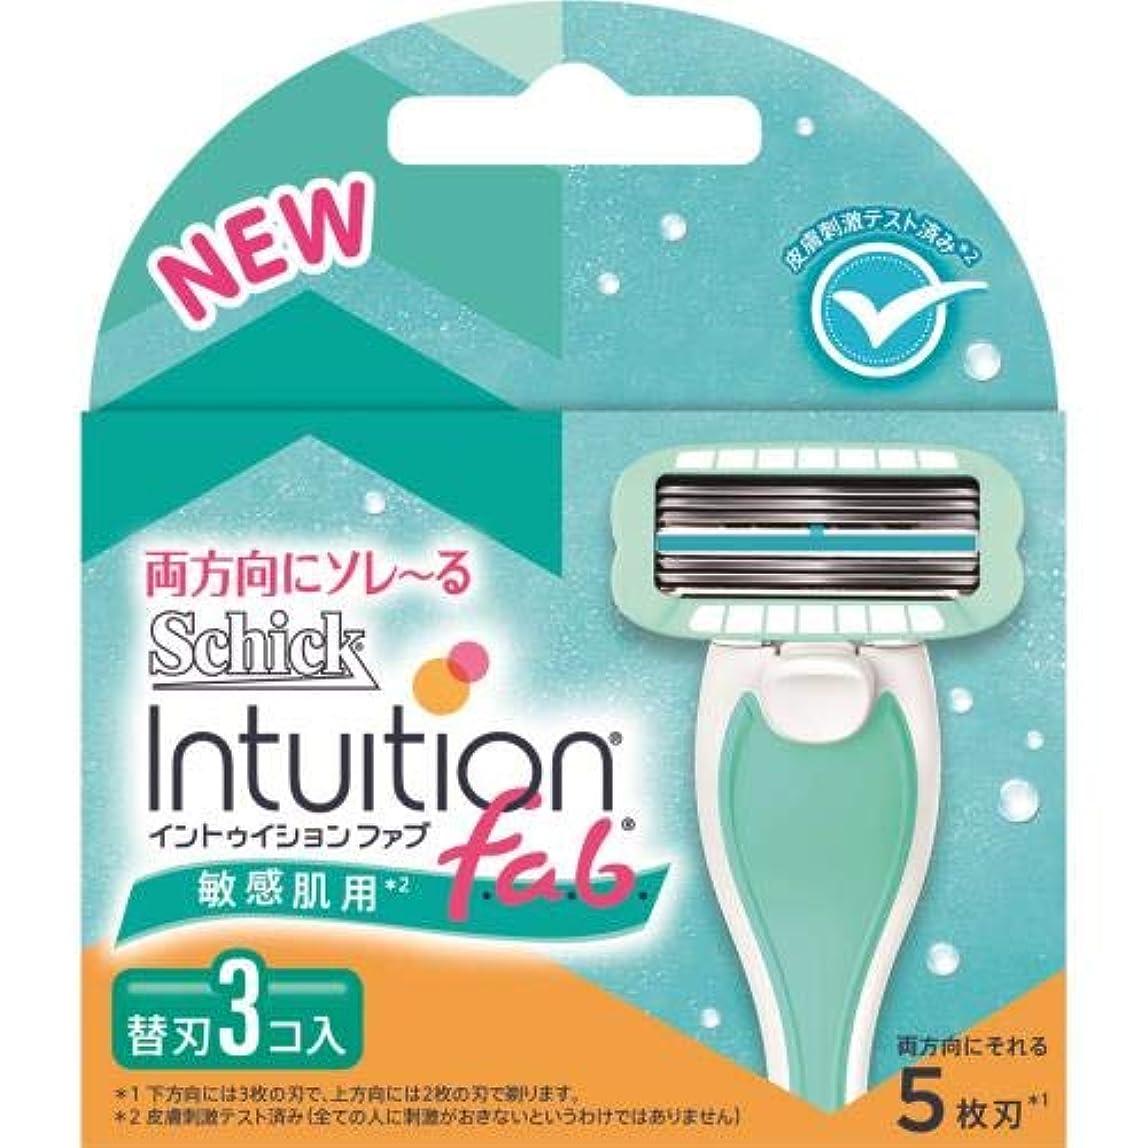 暴力的な病んでいる子孫シック?ジャパン イントゥイション ファブ 替刃 敏感肌用 (3個入) 女性用カミソリ 4個セット